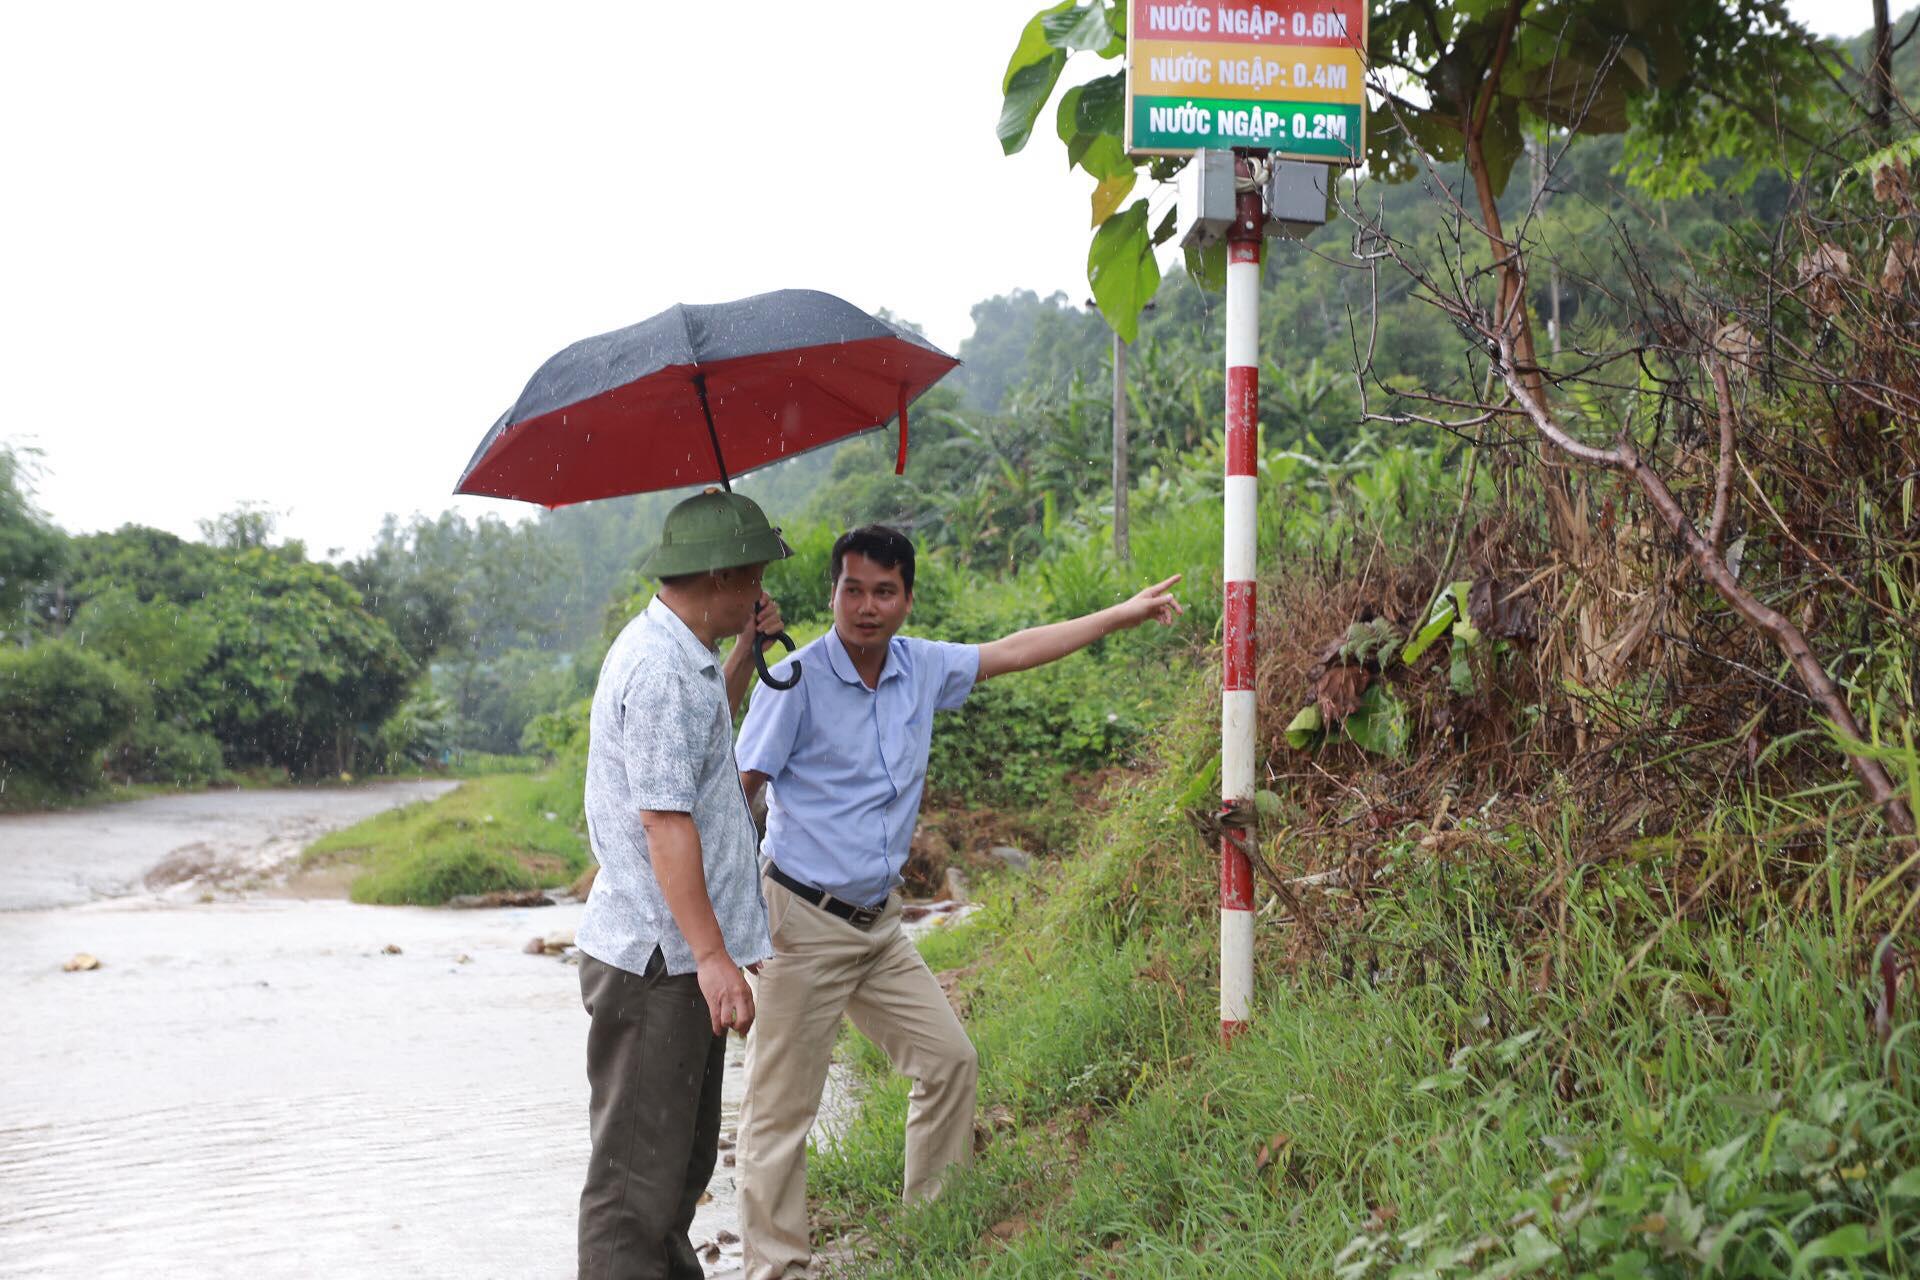 Từ lũ lụt ở Trung Quốc, lo mưa lũ ở miền núi phía Bắc - Ảnh 4.